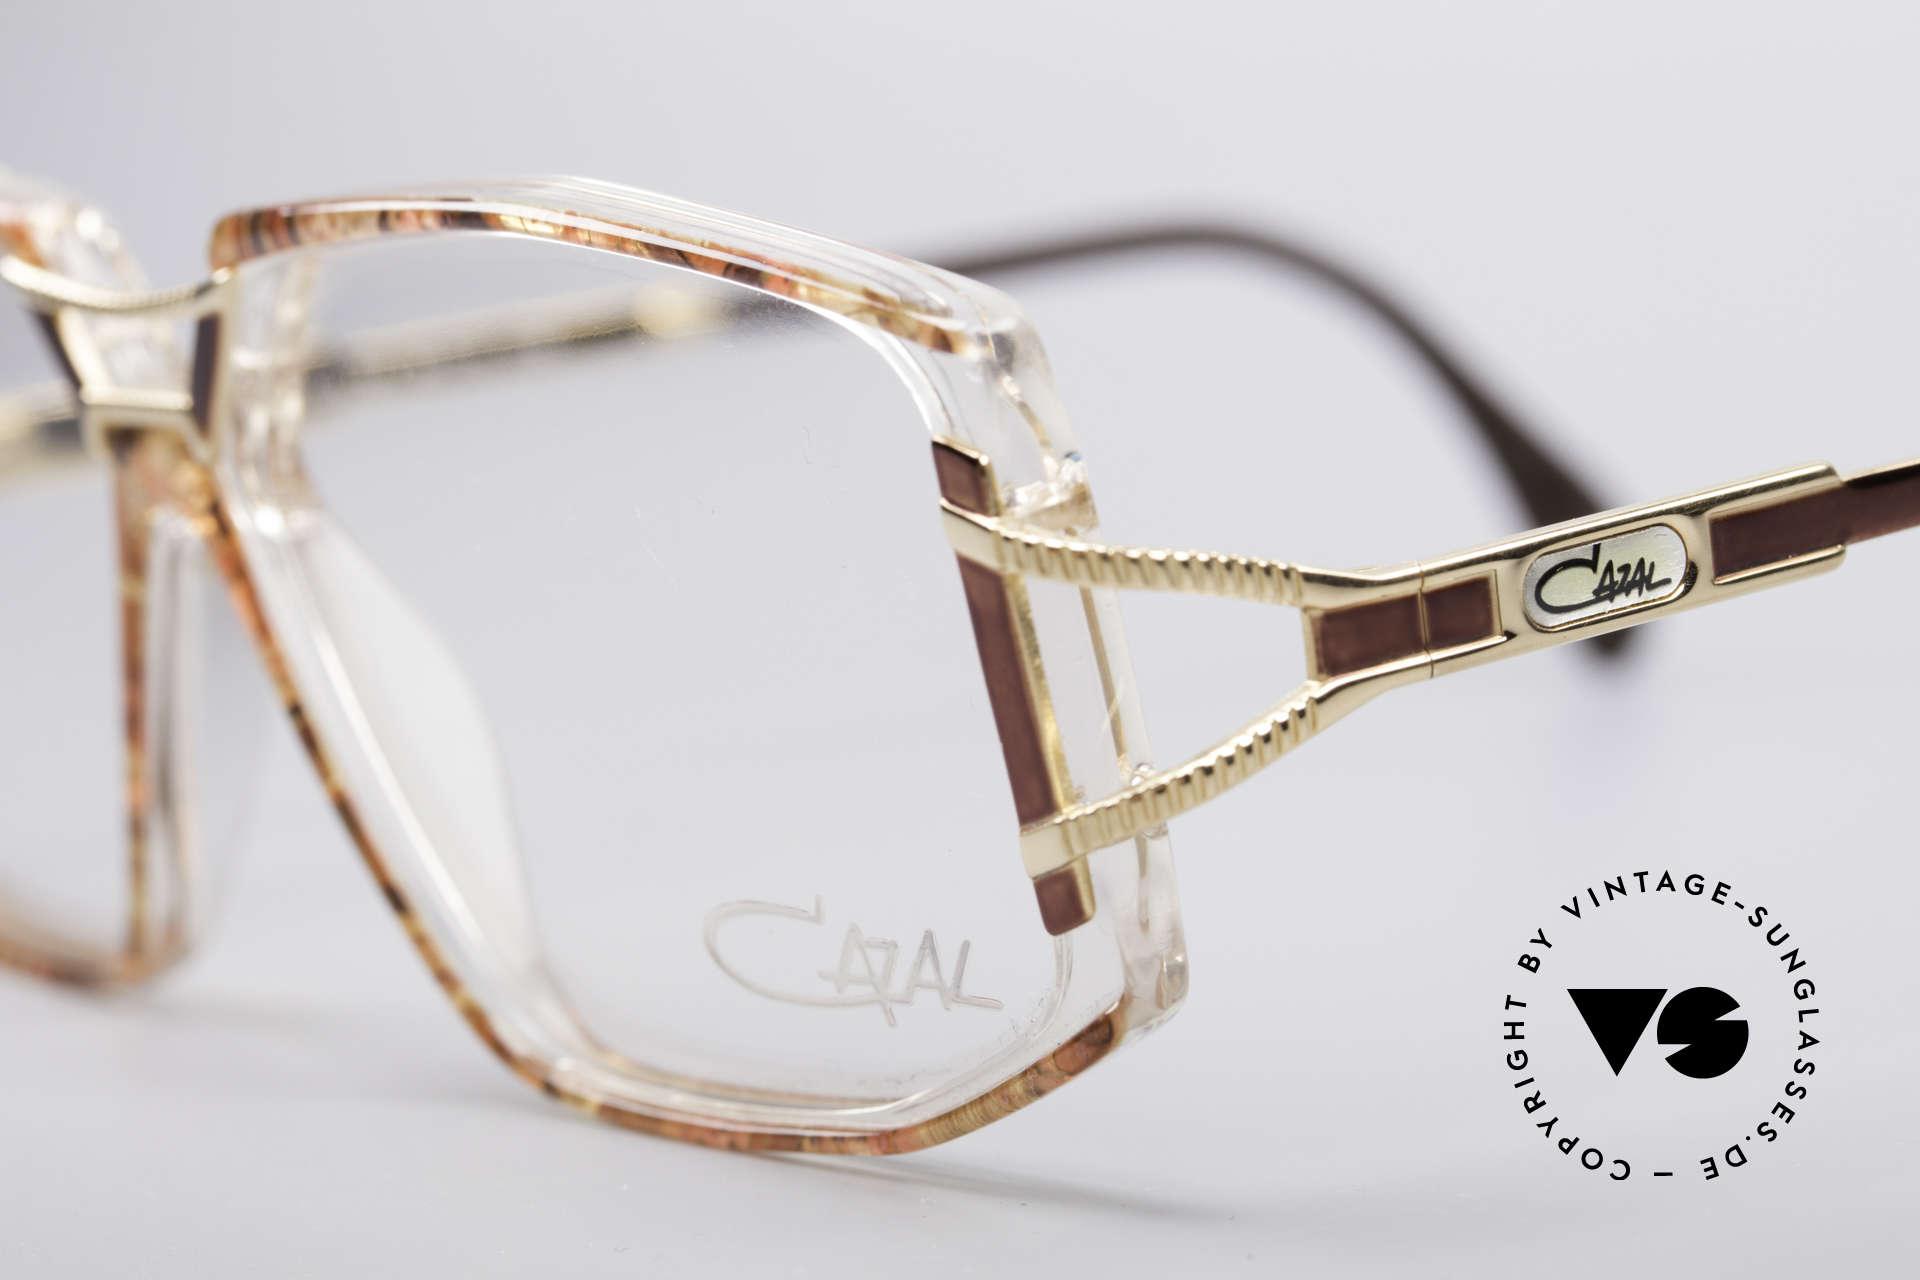 Cazal 362 No Retro 90er Vintage Brille, ungetragen (wie alle unsere vintage Cazal Brillen), Passend für Damen